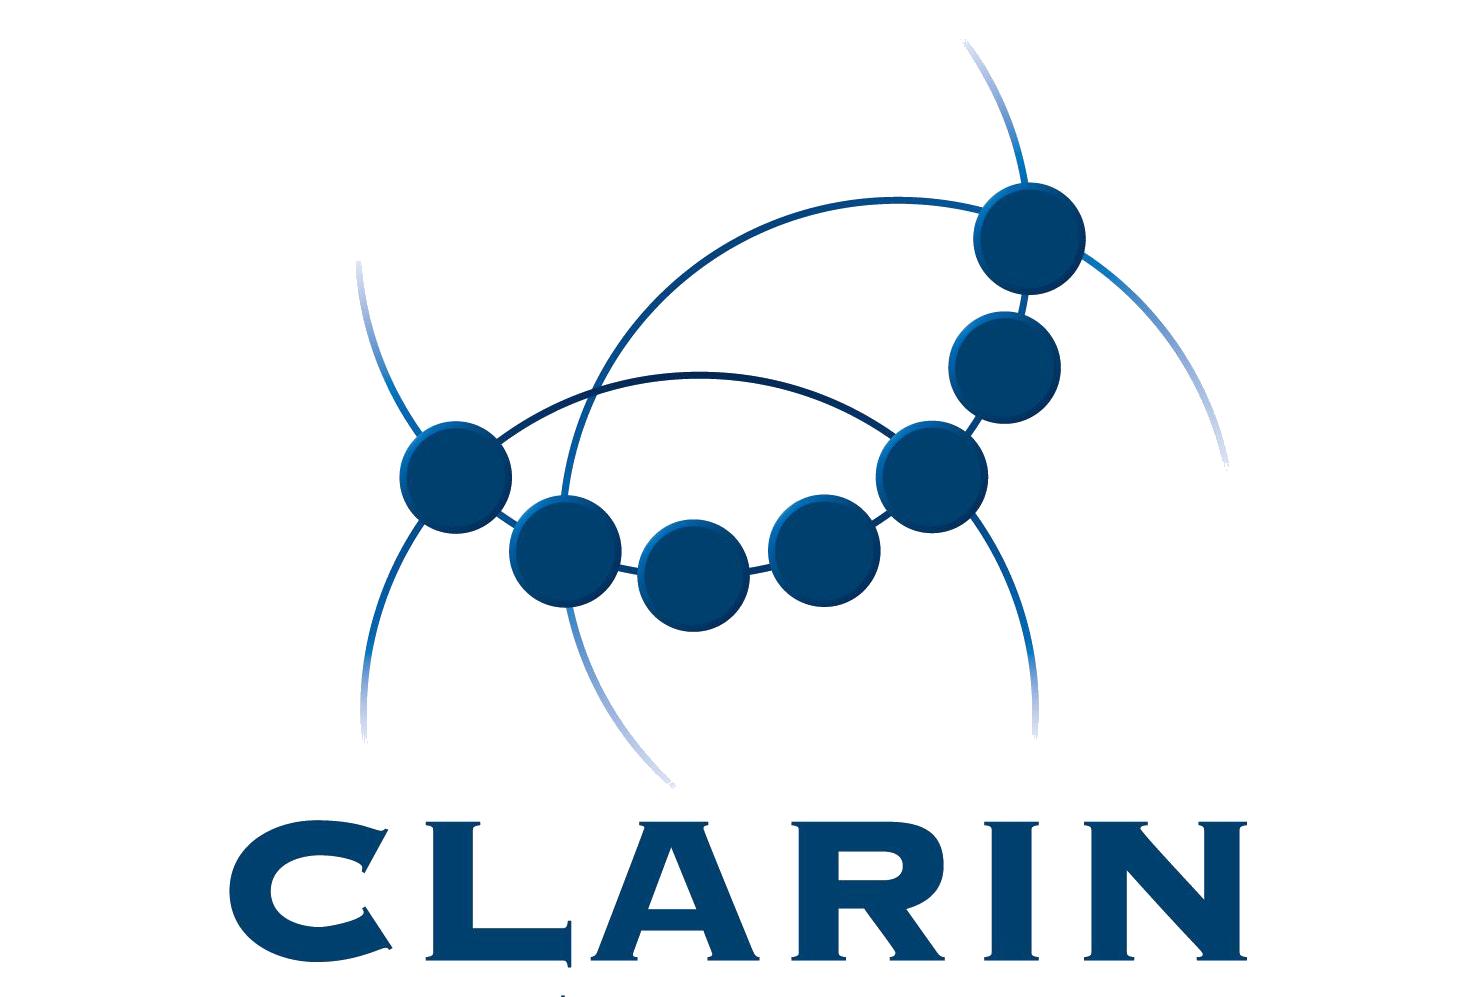 CLARIN ERIC logo